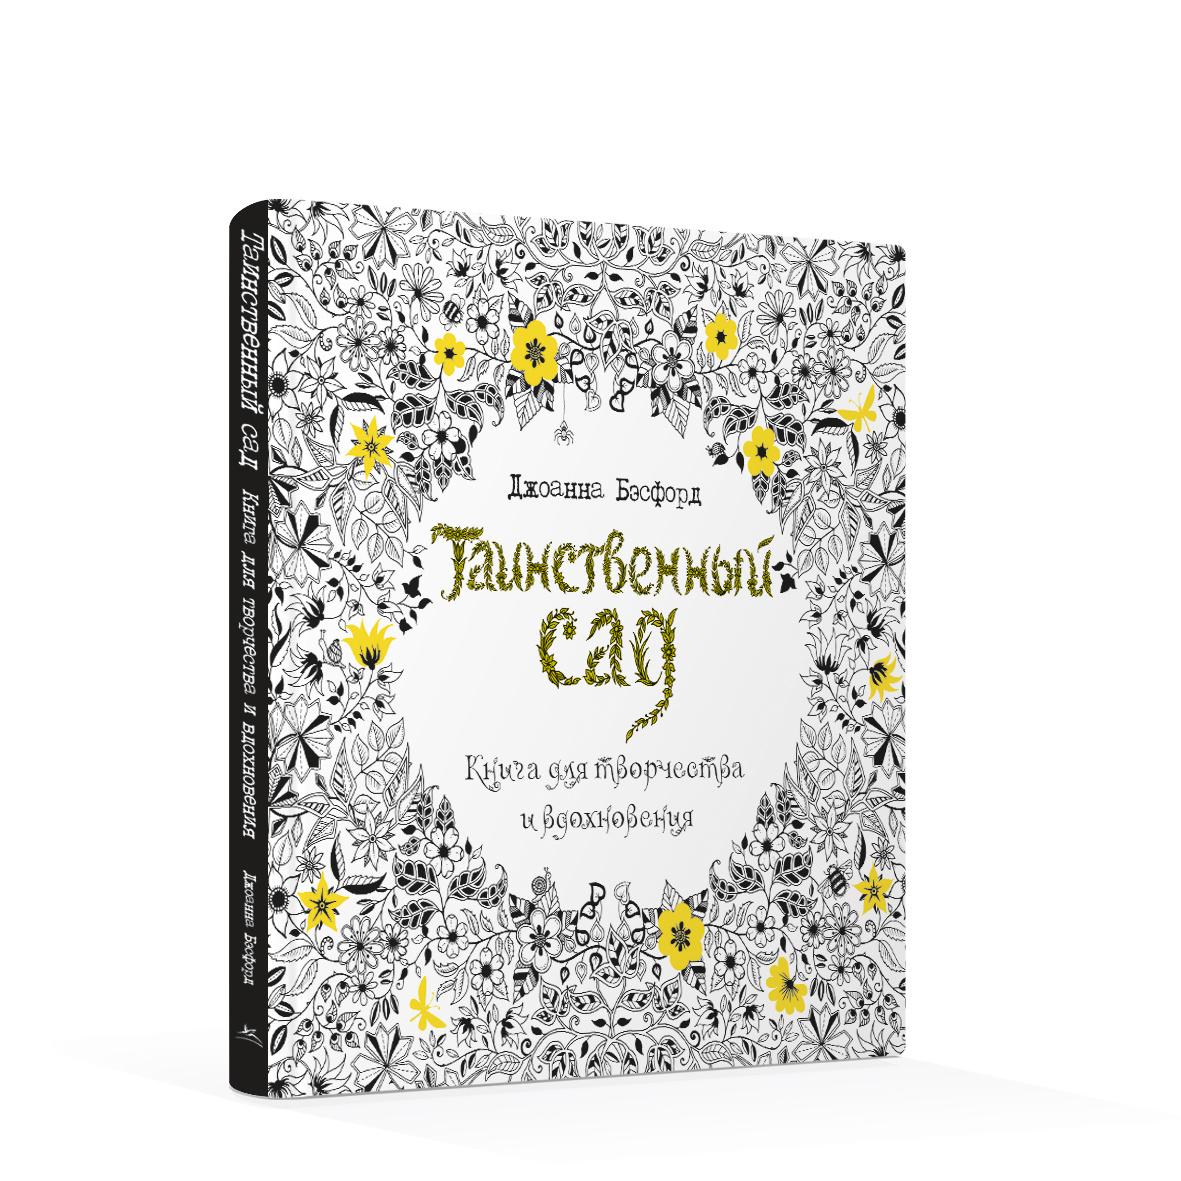 таинственный сад книга для творчества и вдохновения купить в интернет магазине Ozon с быстрой доставкой